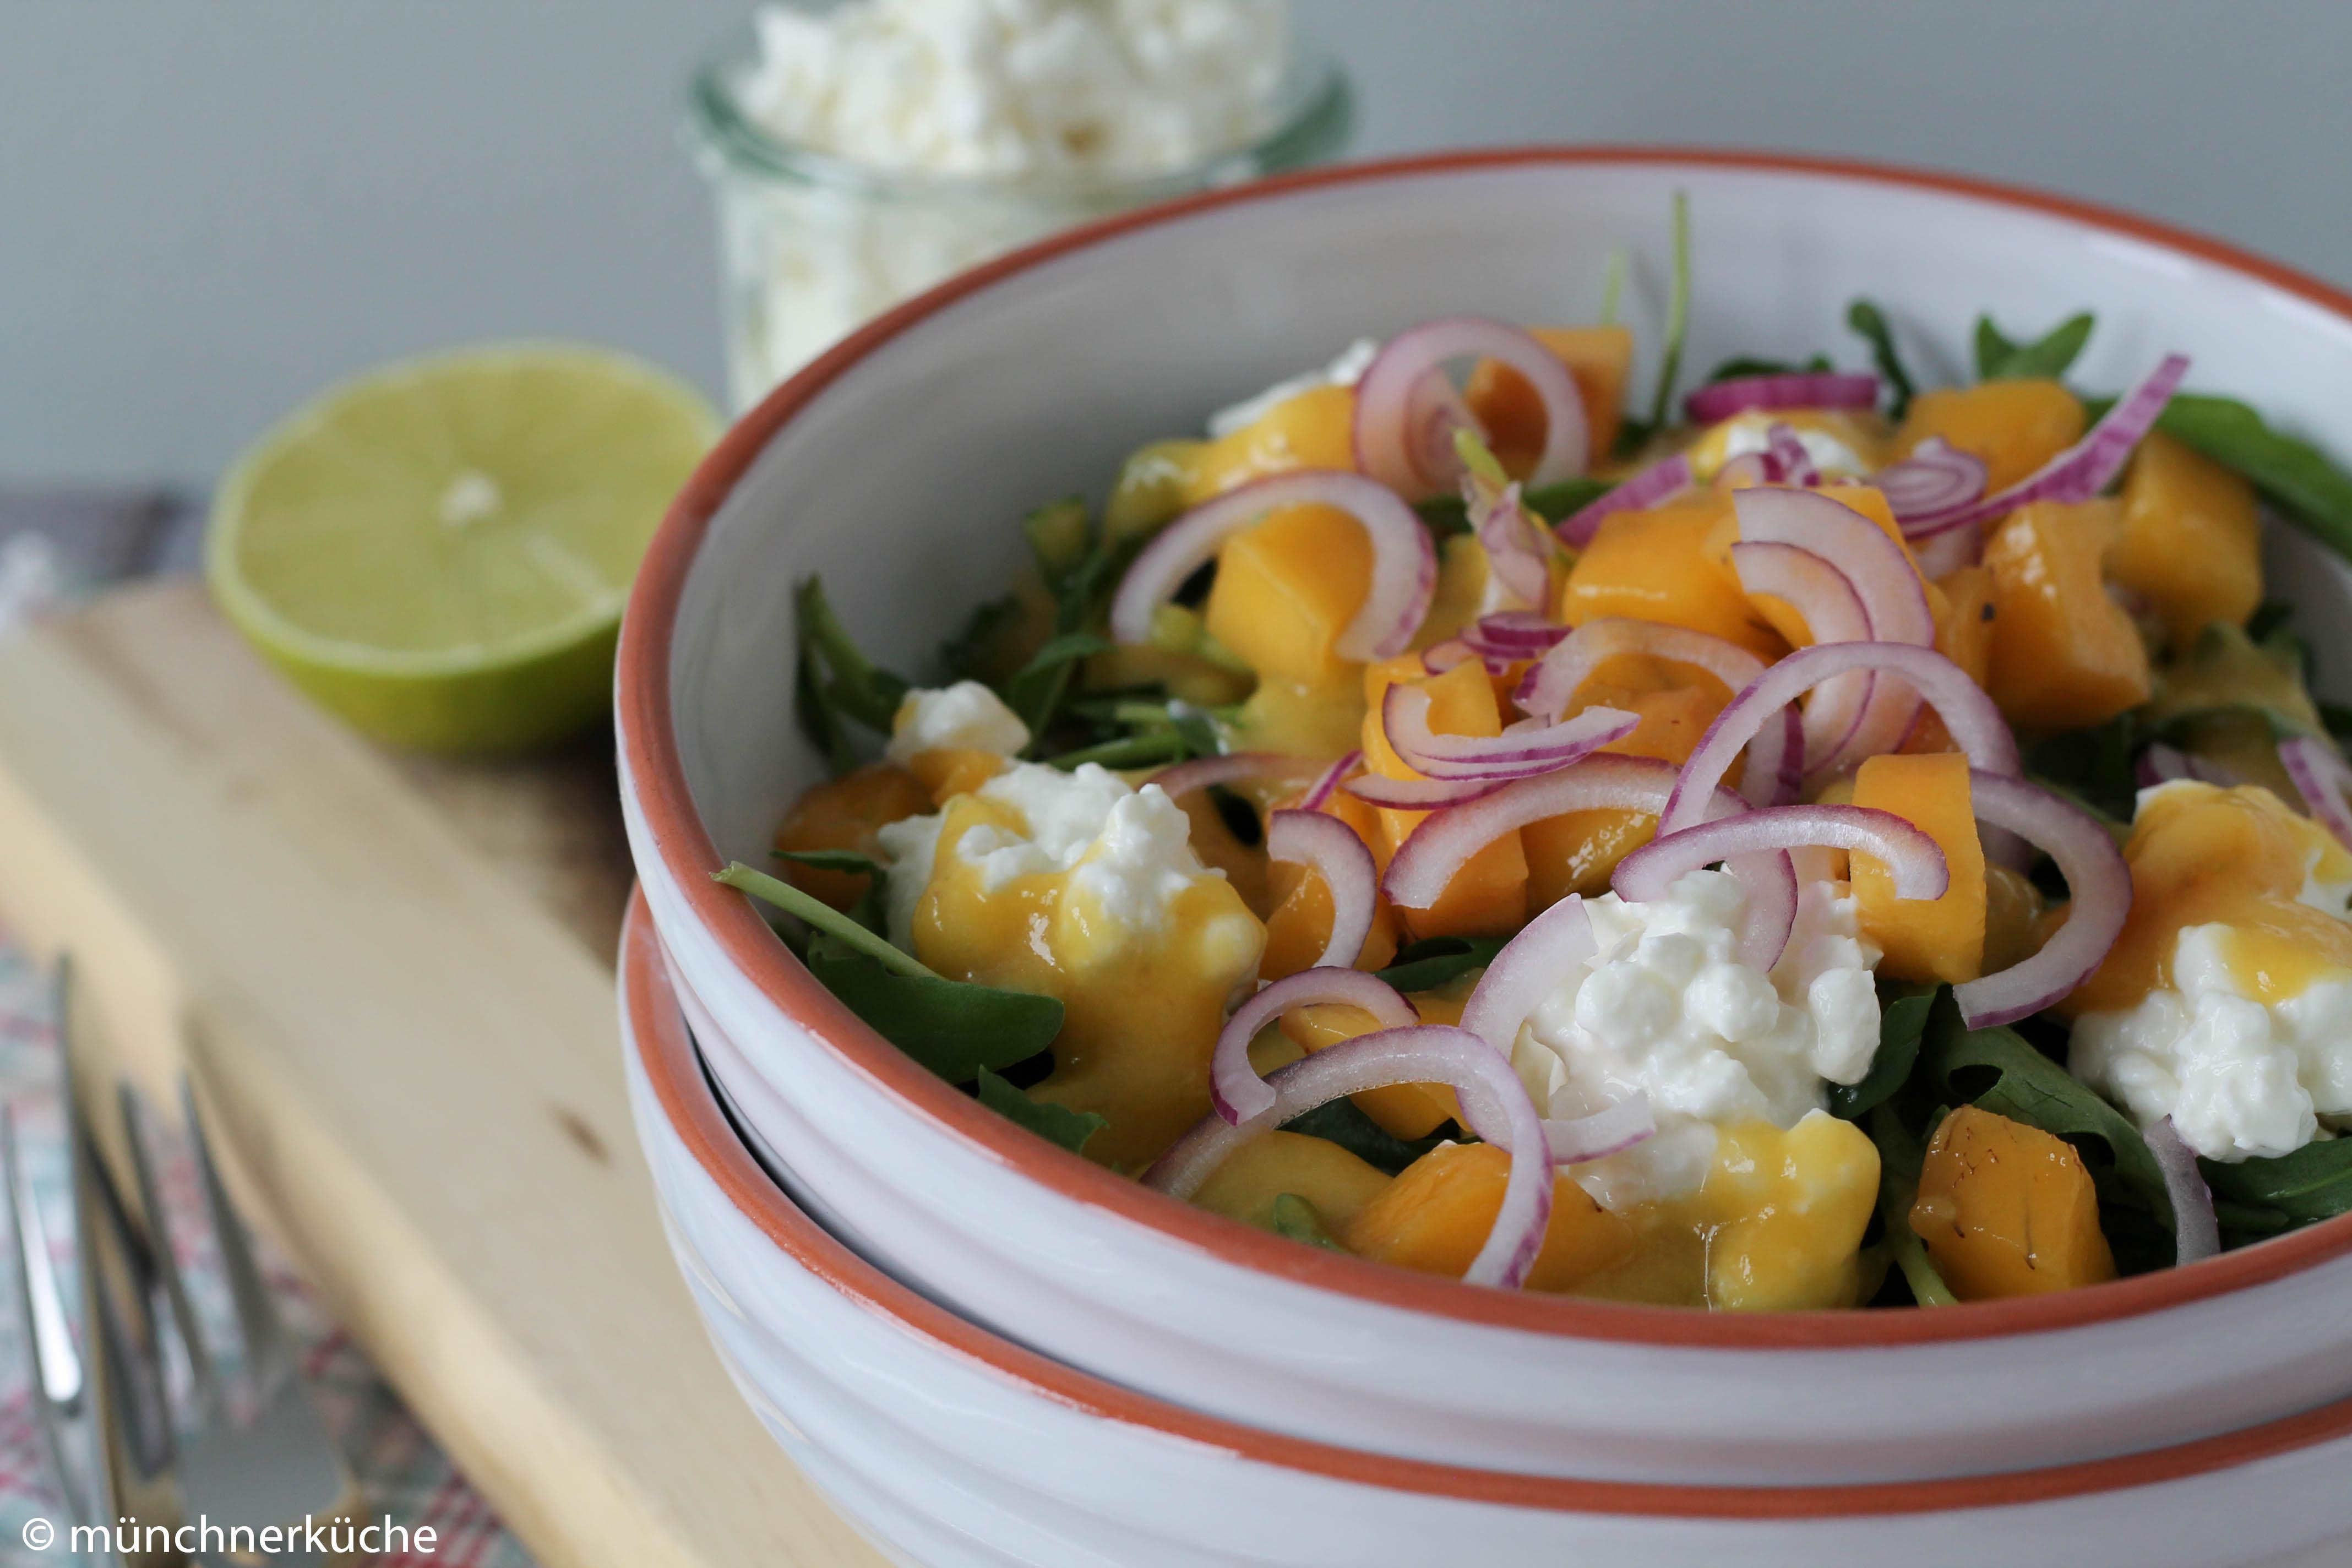 Ruccolasalat mit Mango und körnigem Frischkäse